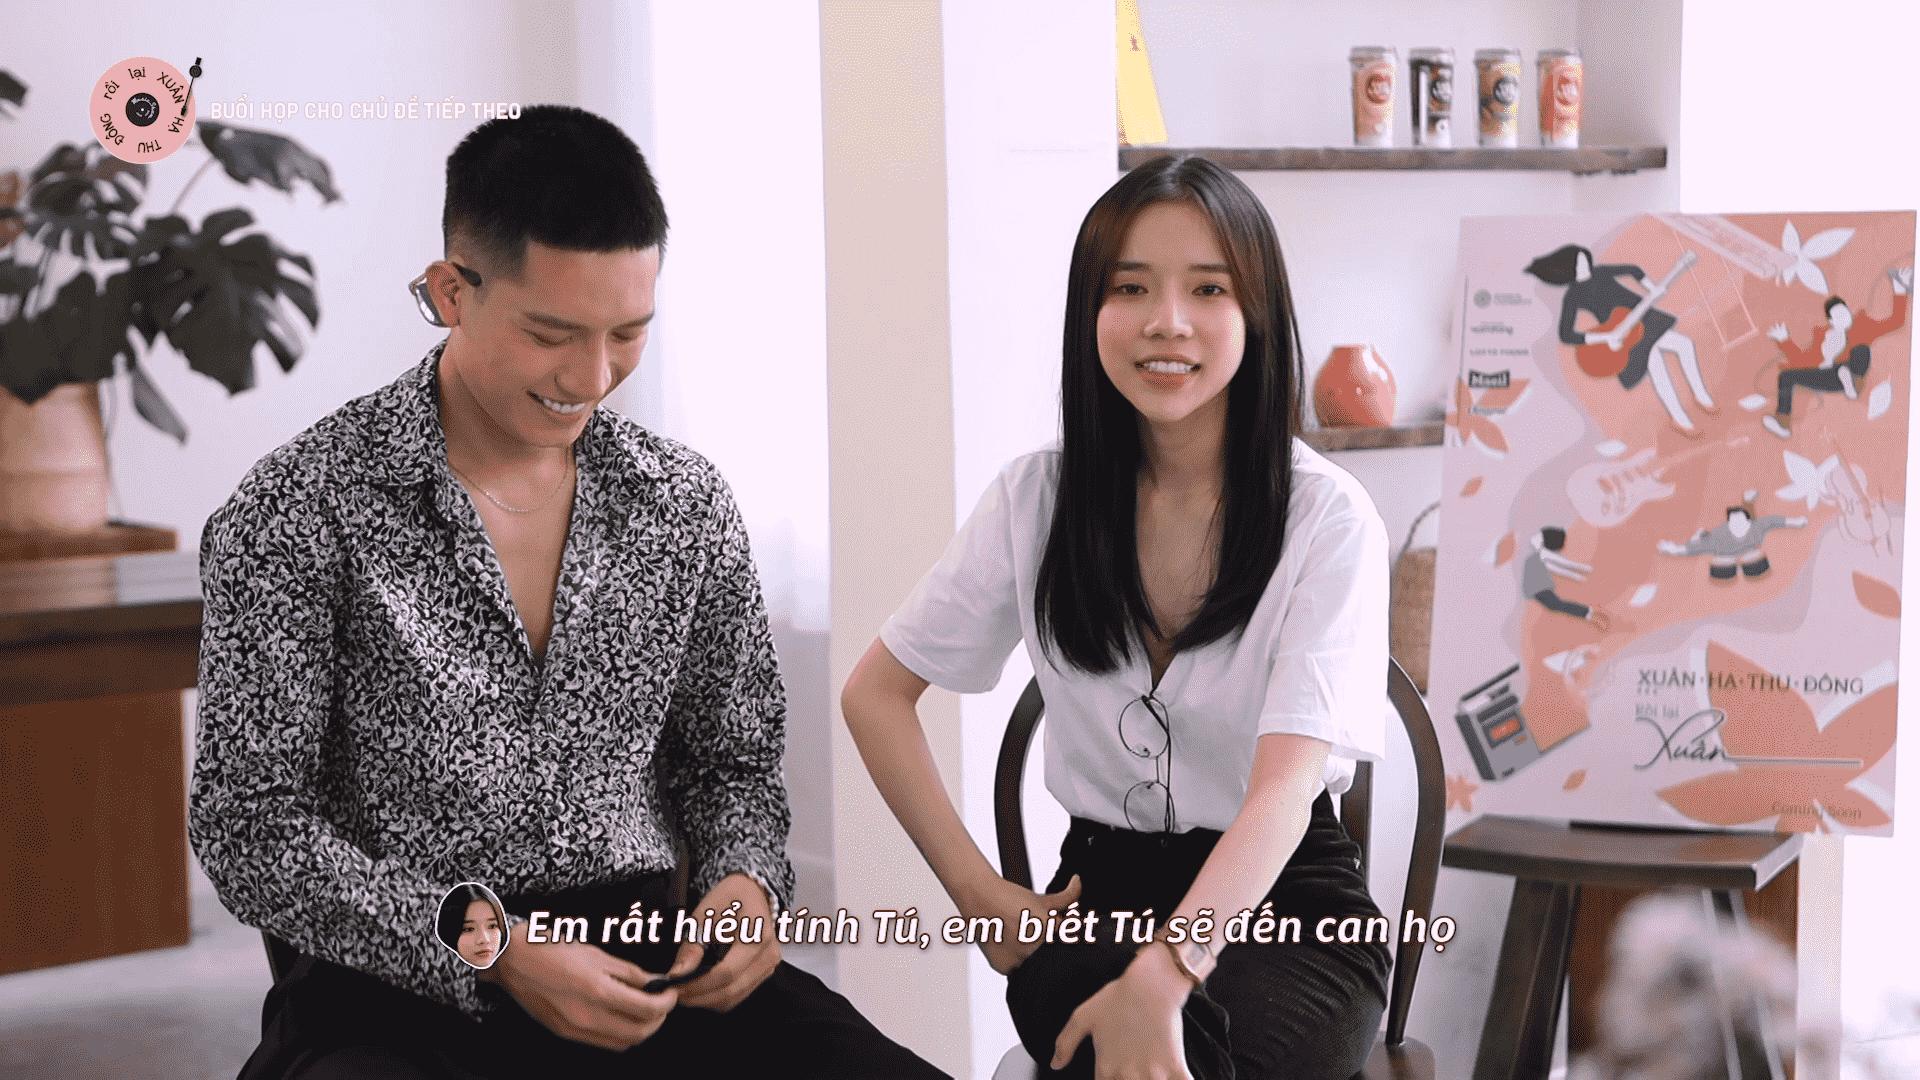 """Nữ ca sĩ triệu view và giọng ca """"Chí Phèo"""" bị dụ dỗ tham gia """"gánh hát rong"""" của Hòa Minzy - 2"""